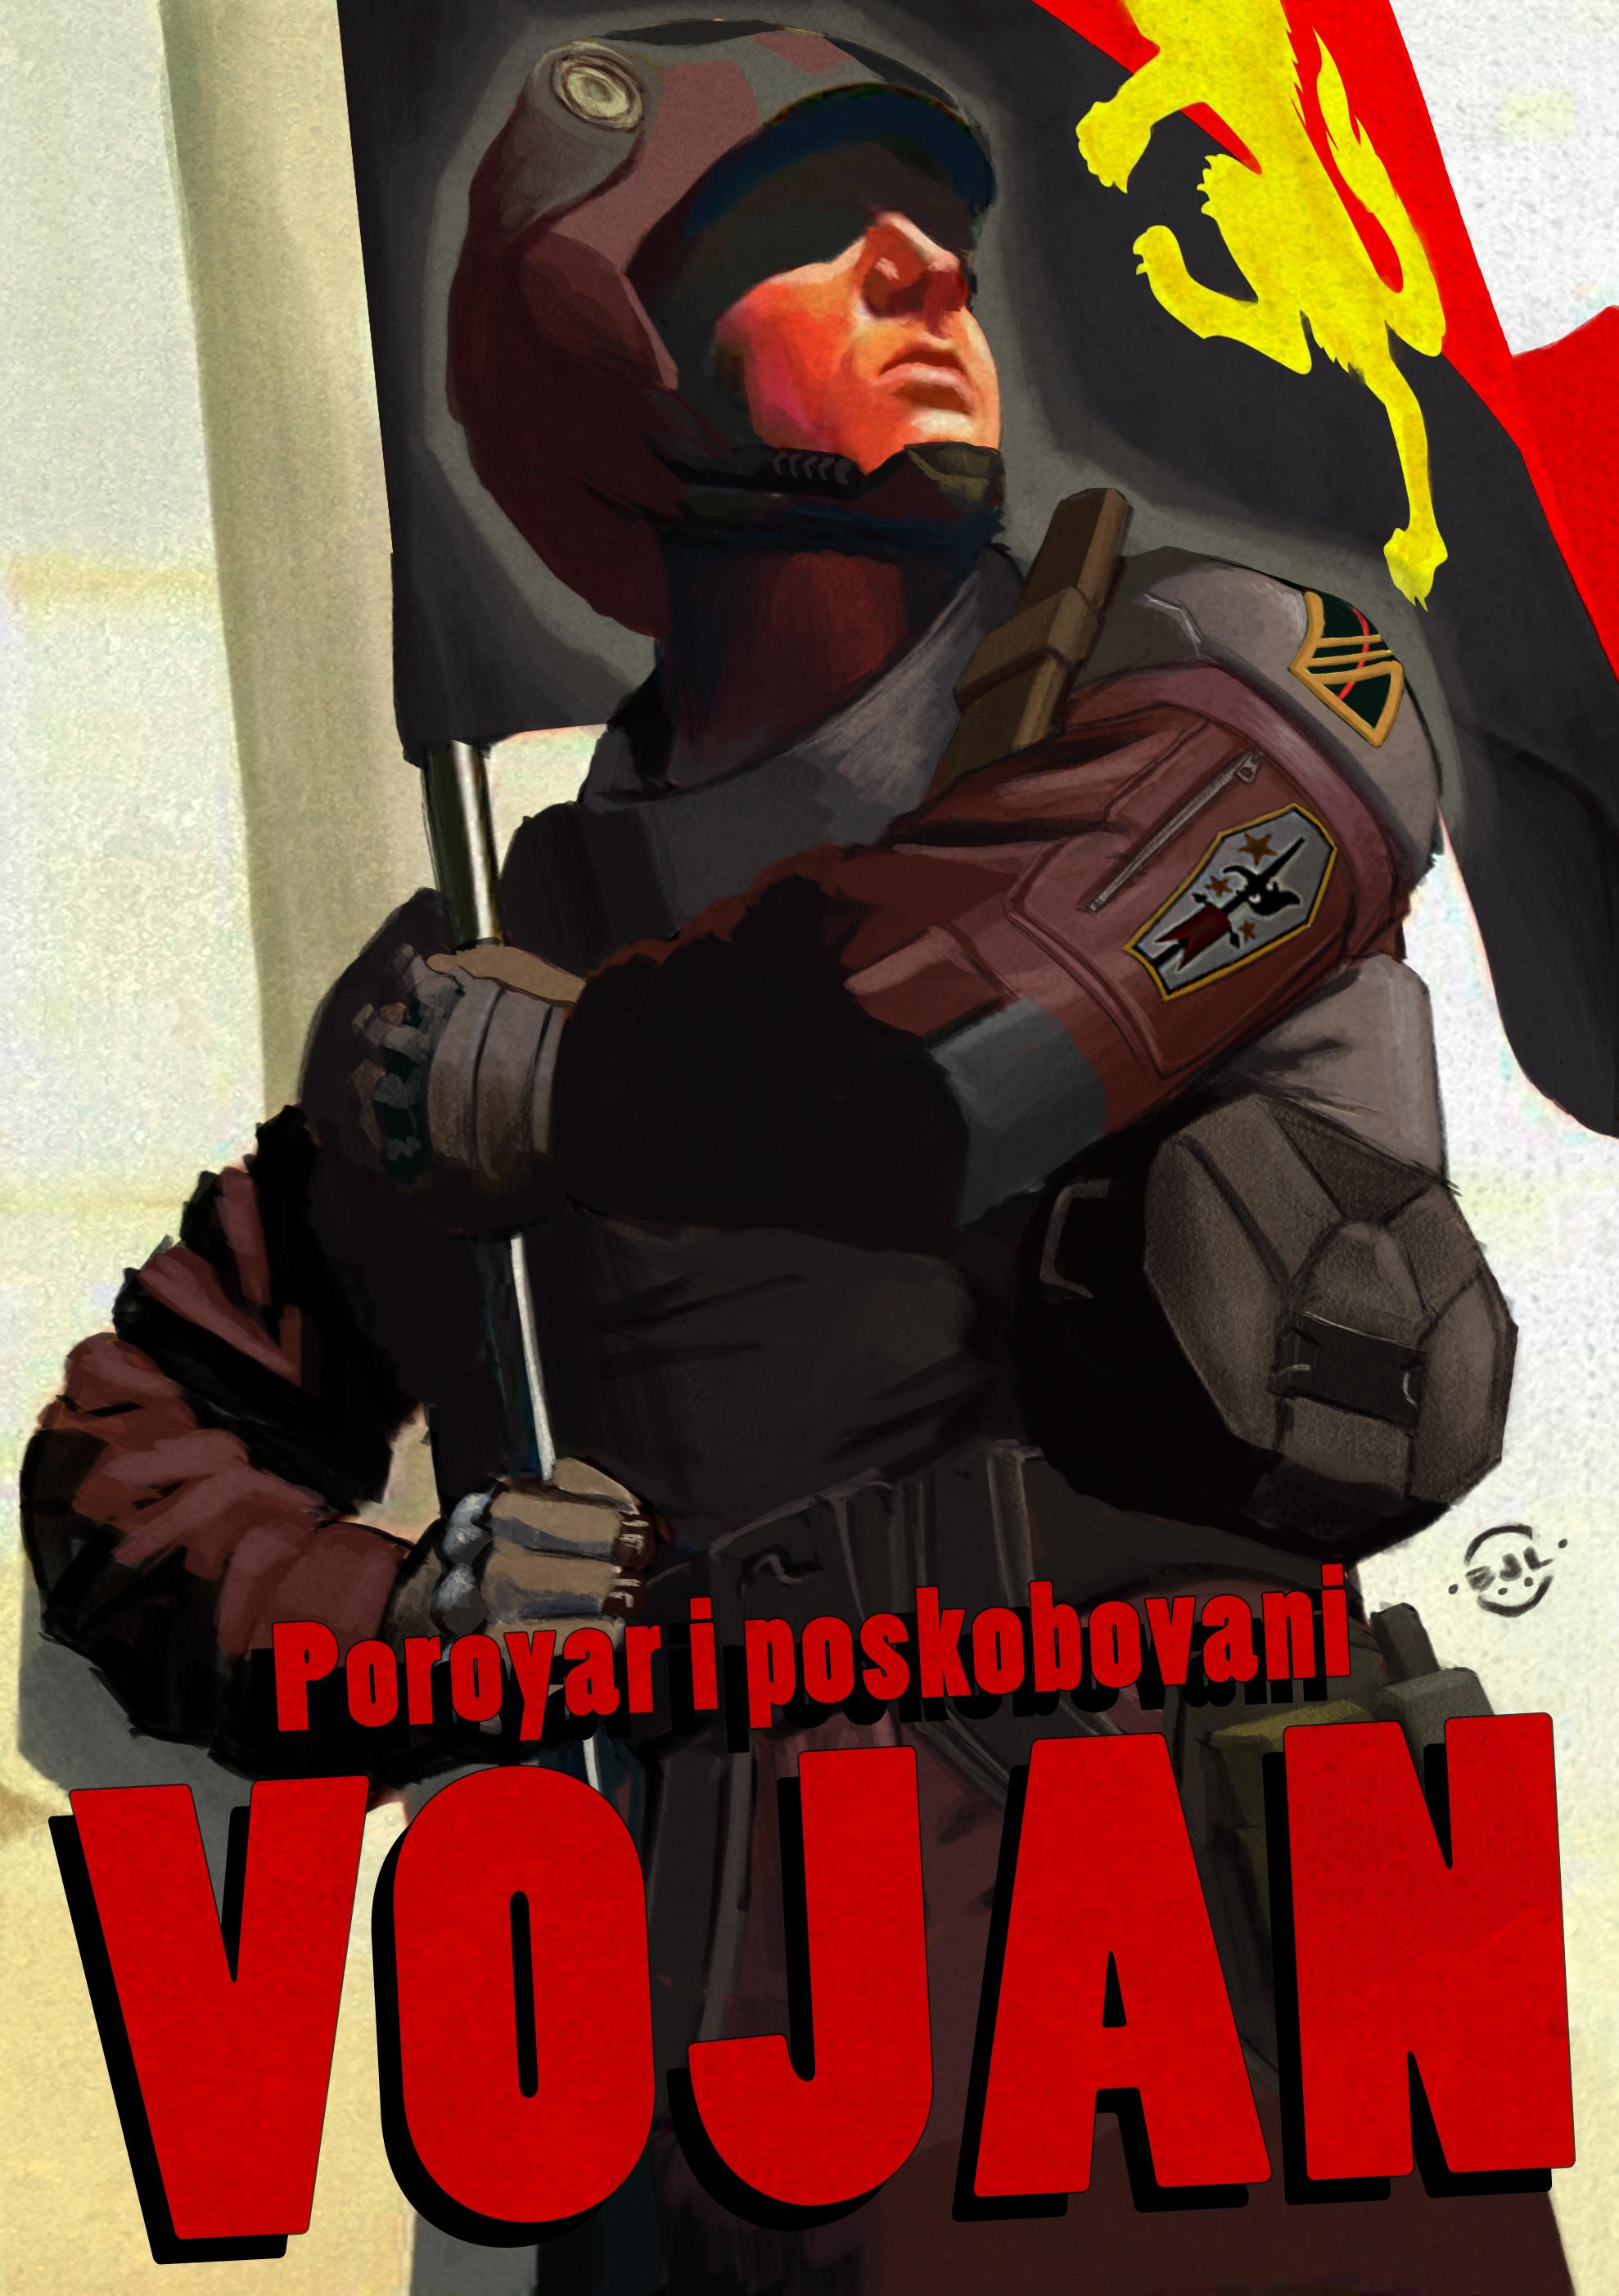 PropagandaFlagMan.jpg